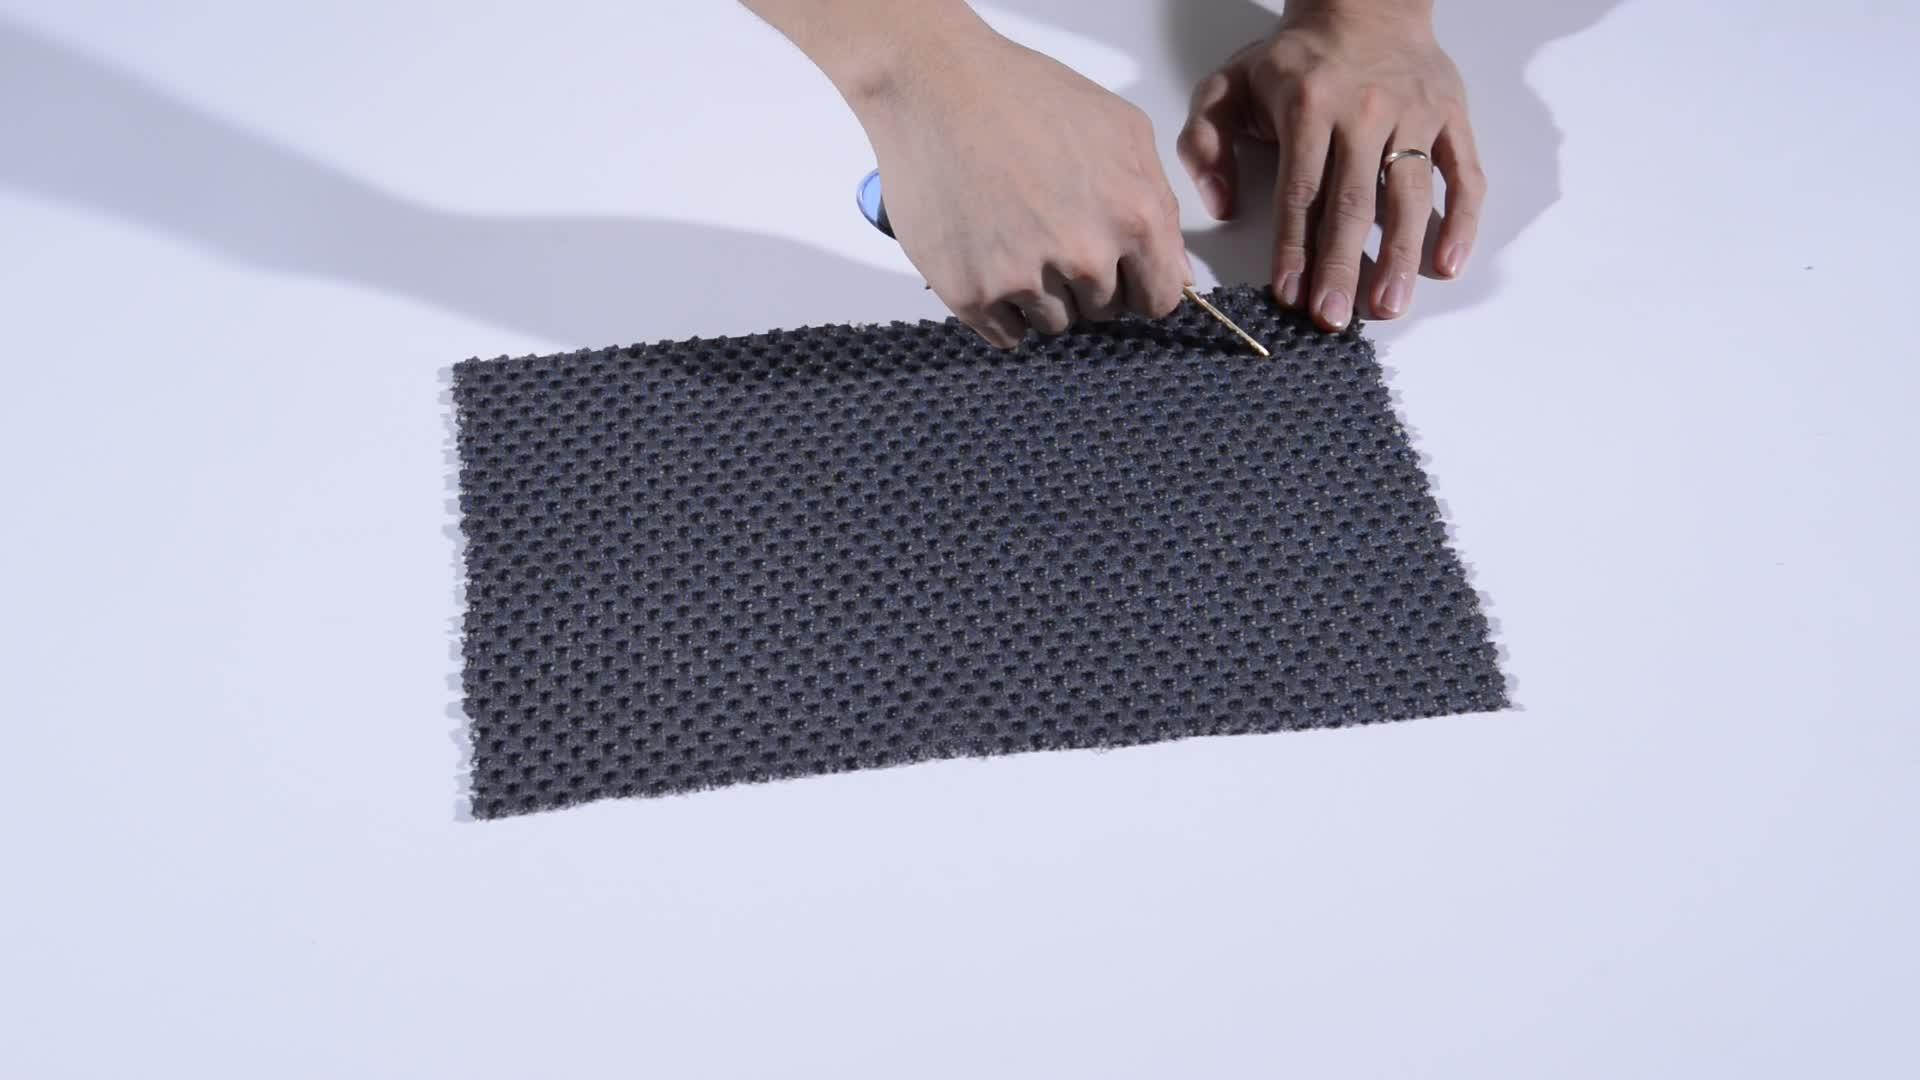 最新デザインクラウド形状カスタム気流メッシュ頭整形抗枕